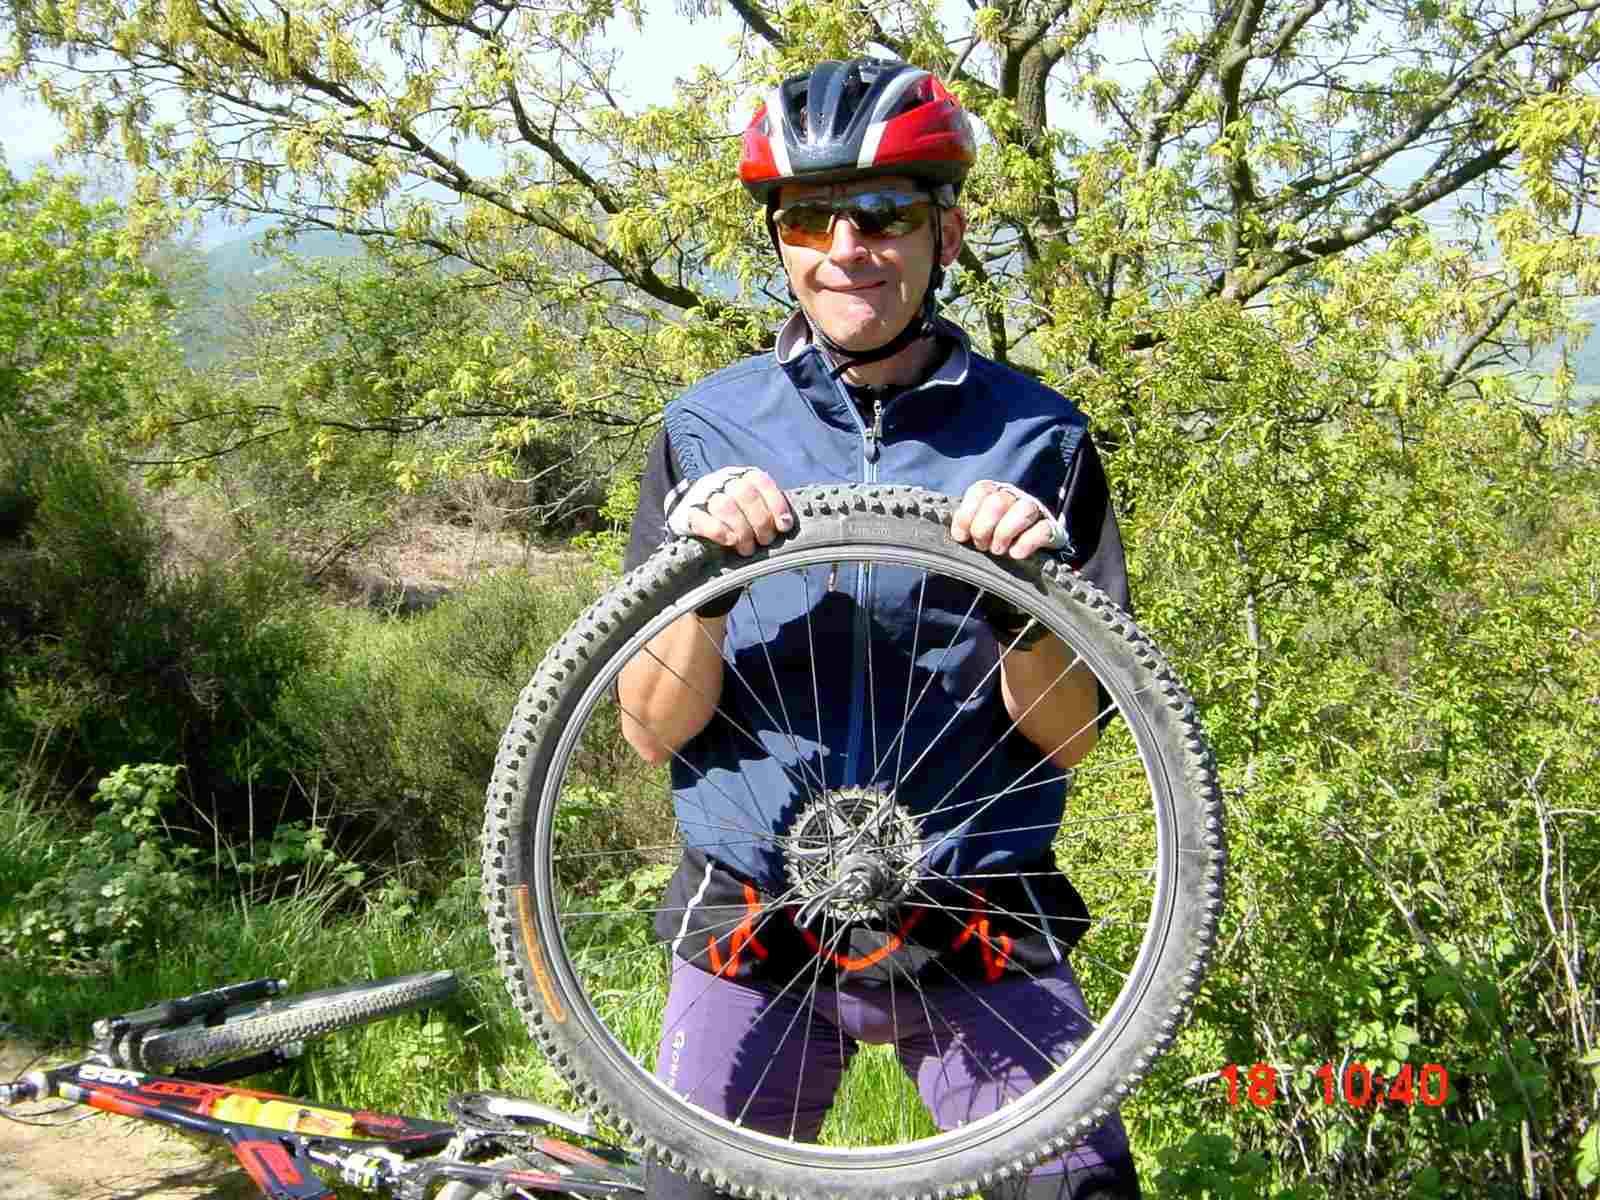 Foto: Manfred Karl / Mountainbike Tour / Monte Ginezzo, 928 m / Das gehört dazu! / 20.06.2007 06:17:19